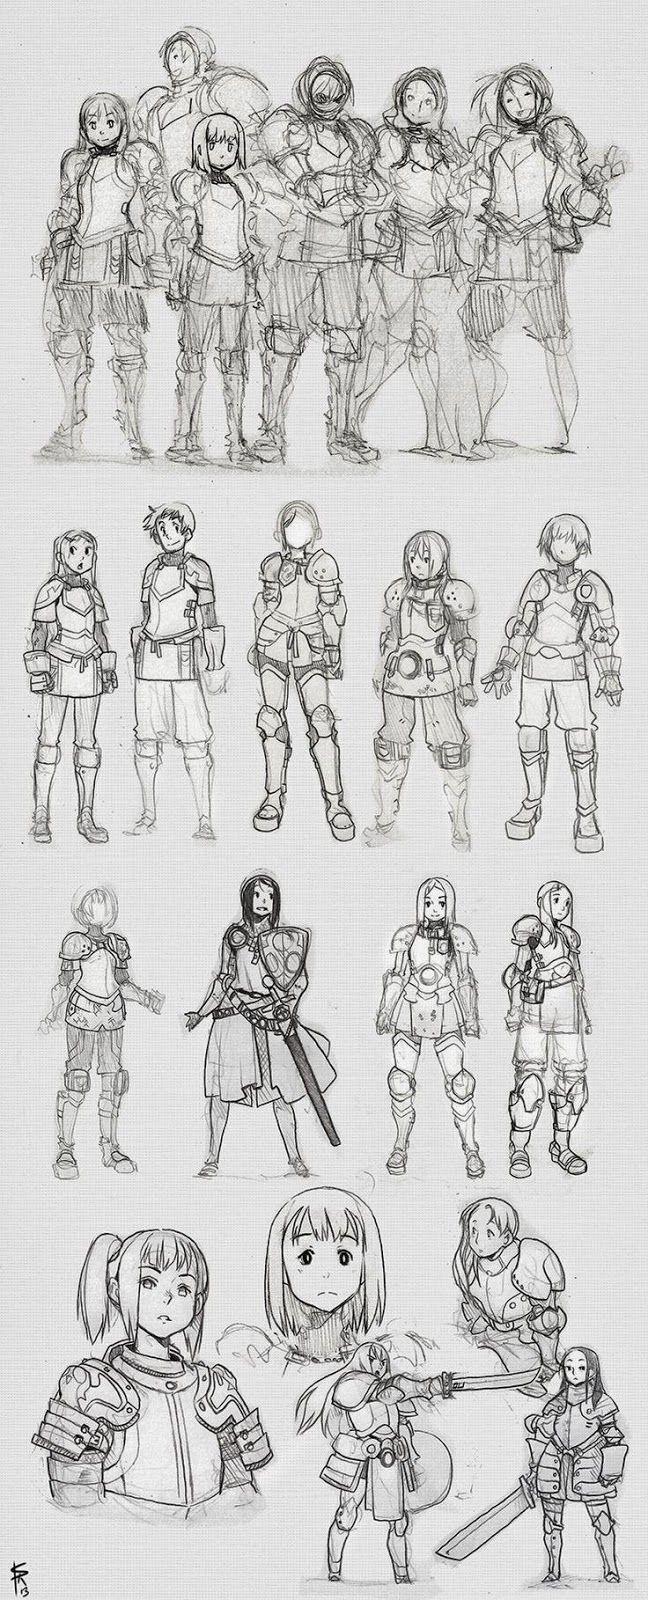 [Artes] 20 Referencias para Dibujar Caballeros y Paladines. « Neoverso